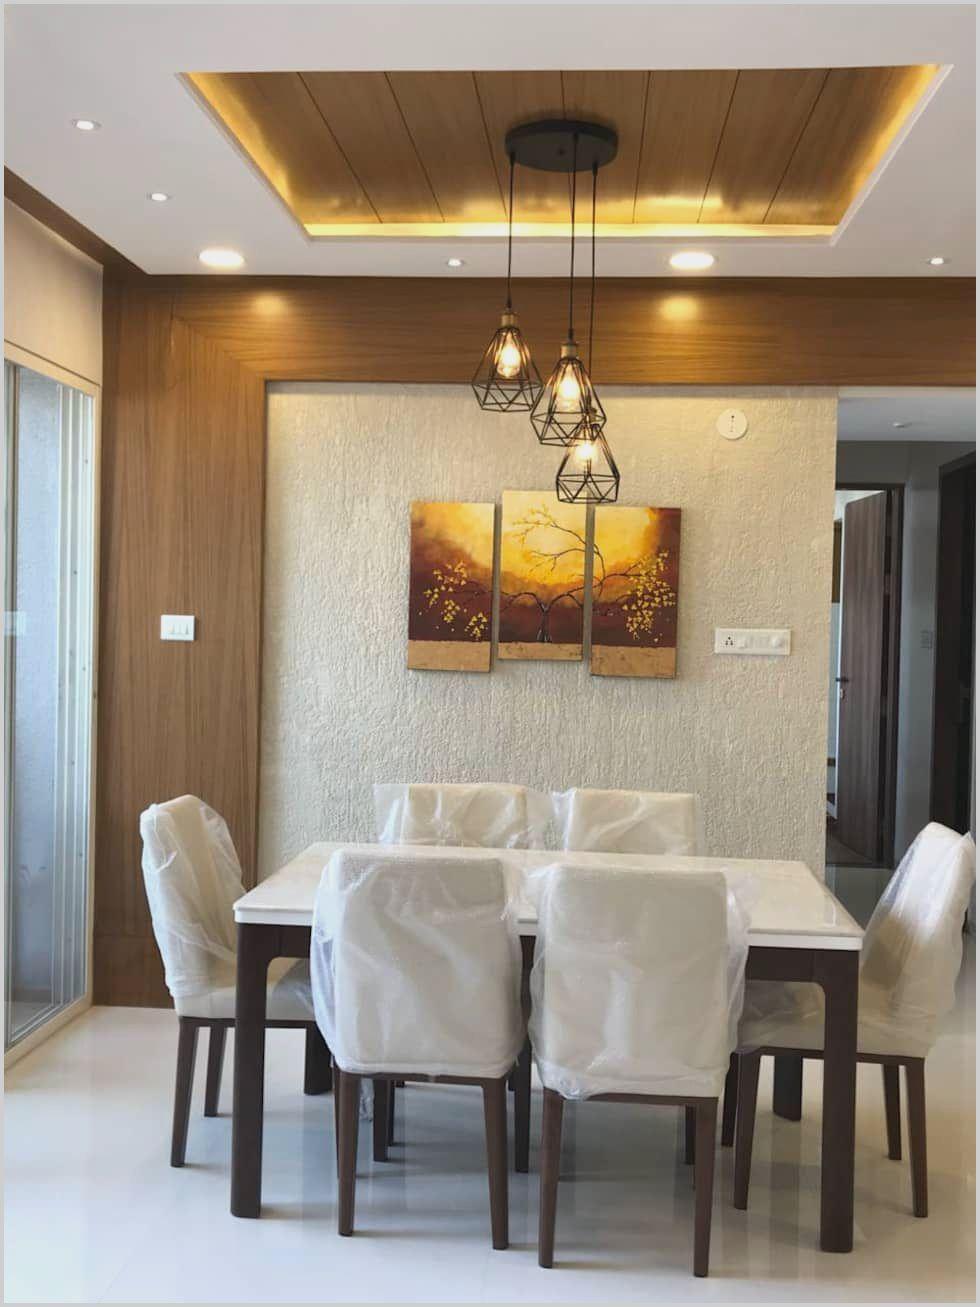 Contemporary Ceiling Design For Living Room Dekorasi Ruang Makan Desain Plafon Desain Interior